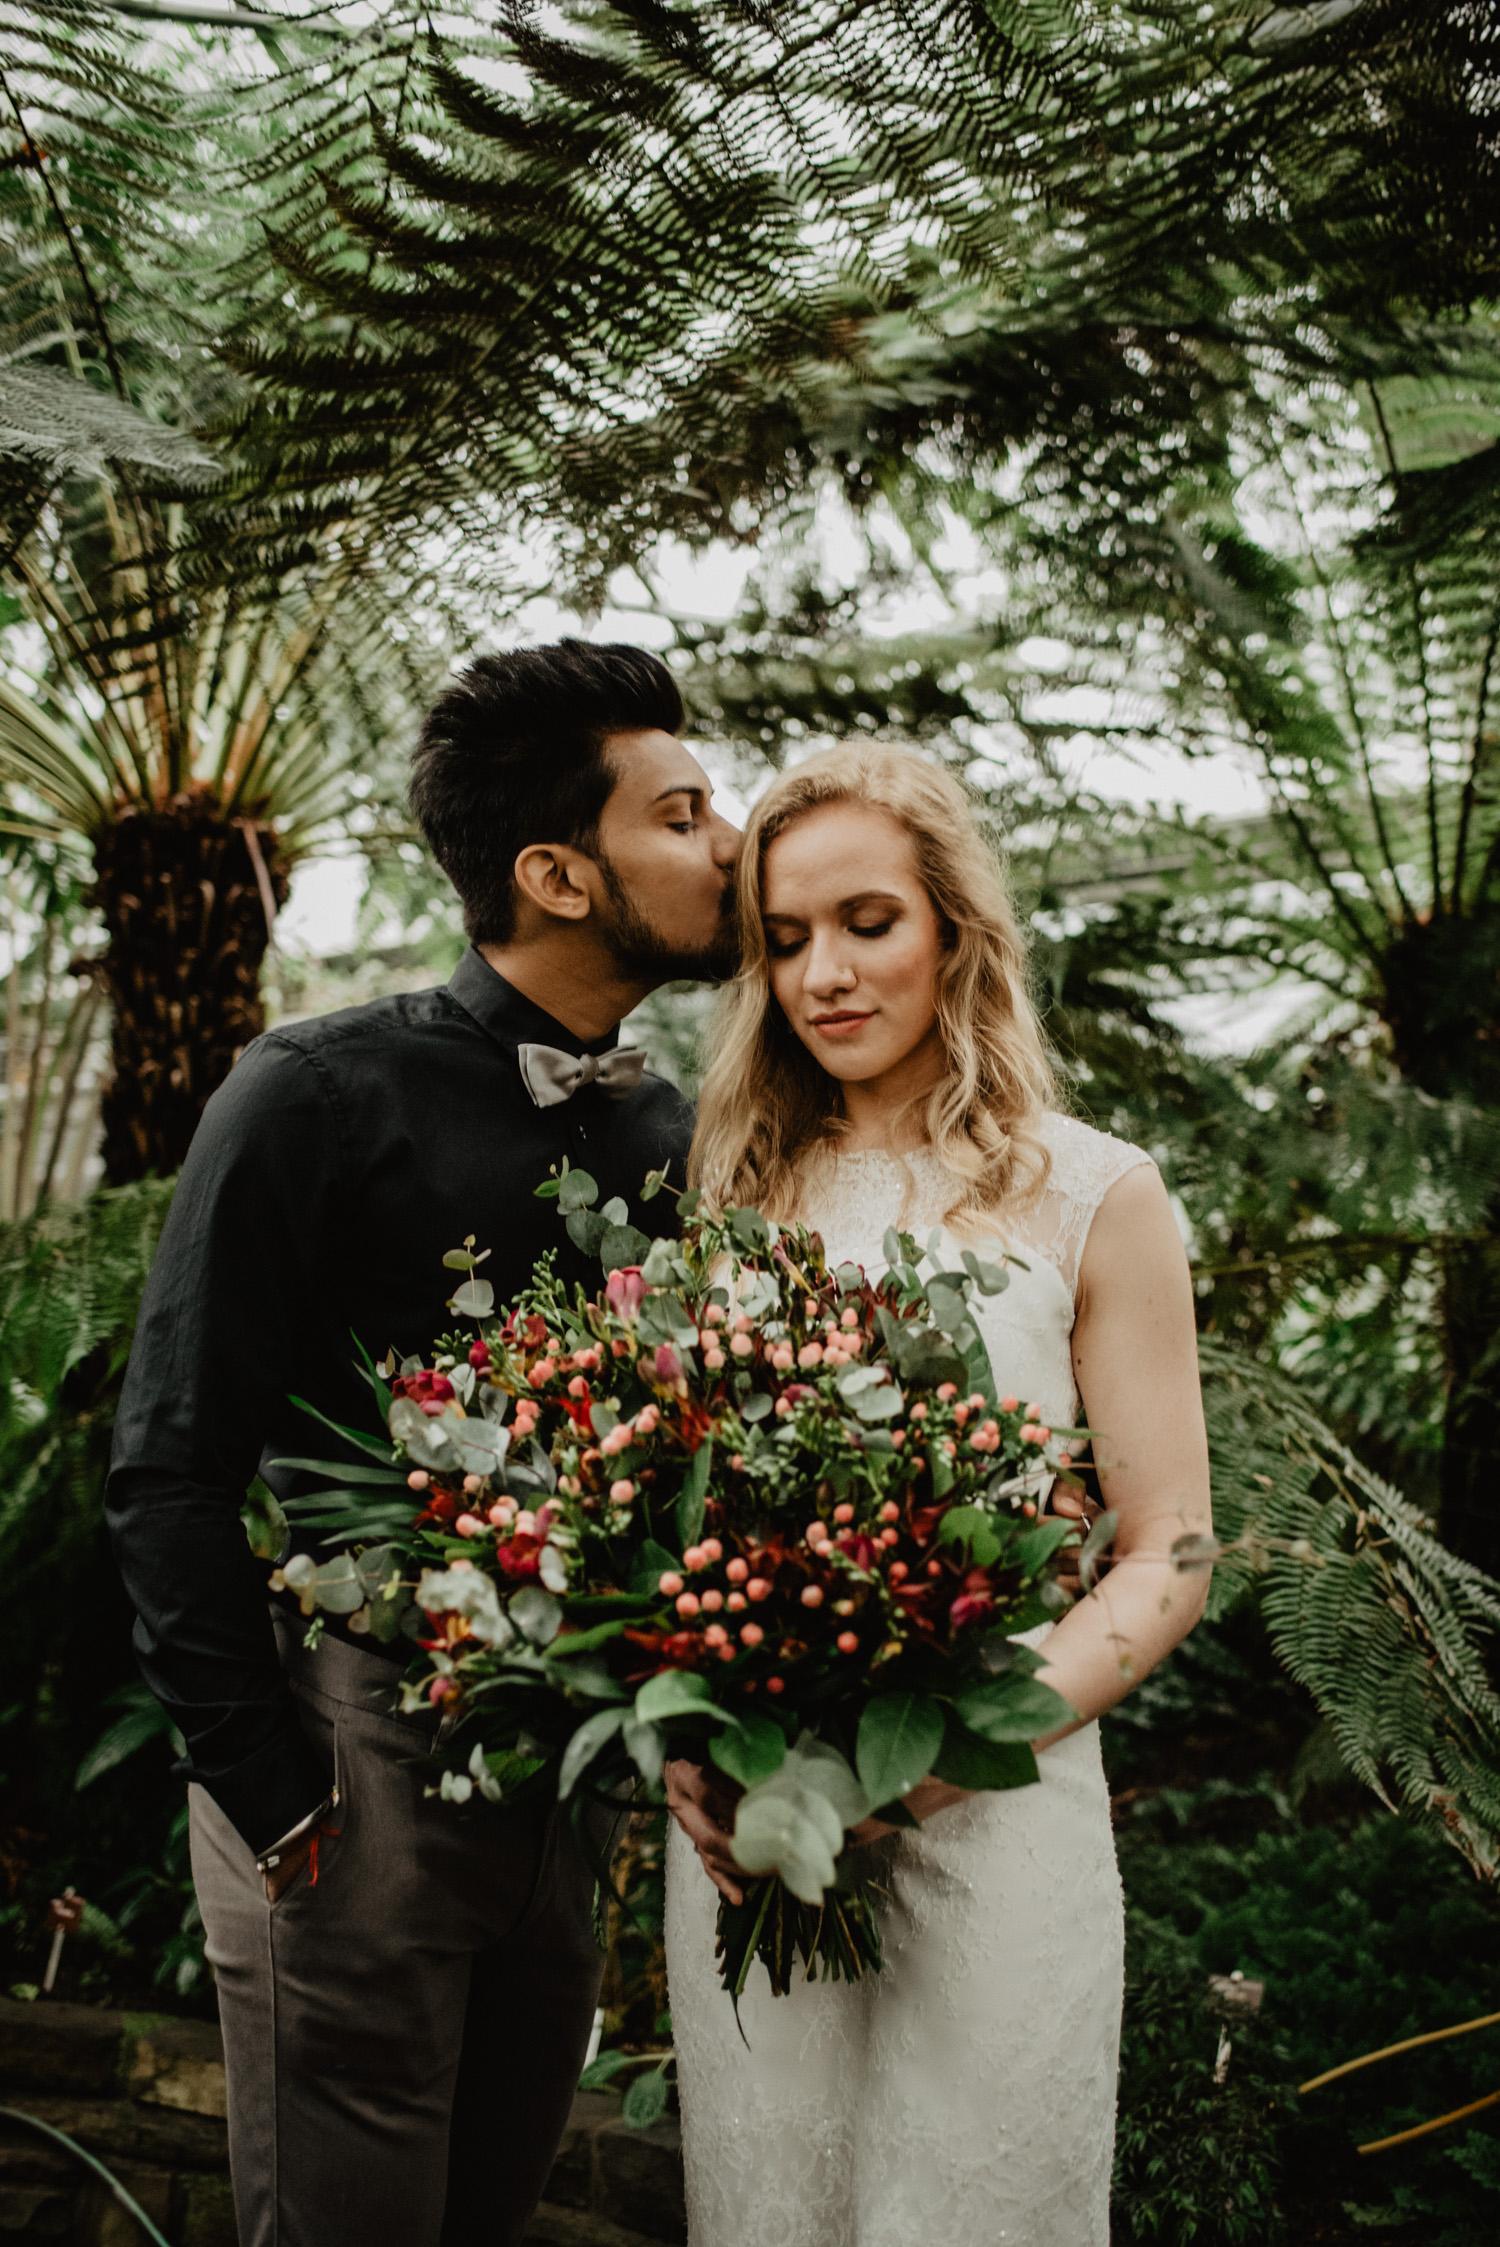 Beim Paarshooting einer multikulturellen Hochzeit küsst der Bräutigam seine Braut auf den Kopf, während sie sich ihren Boho-Brautstrauß ansieht. Das Paar steht in einem Gewächshaus.